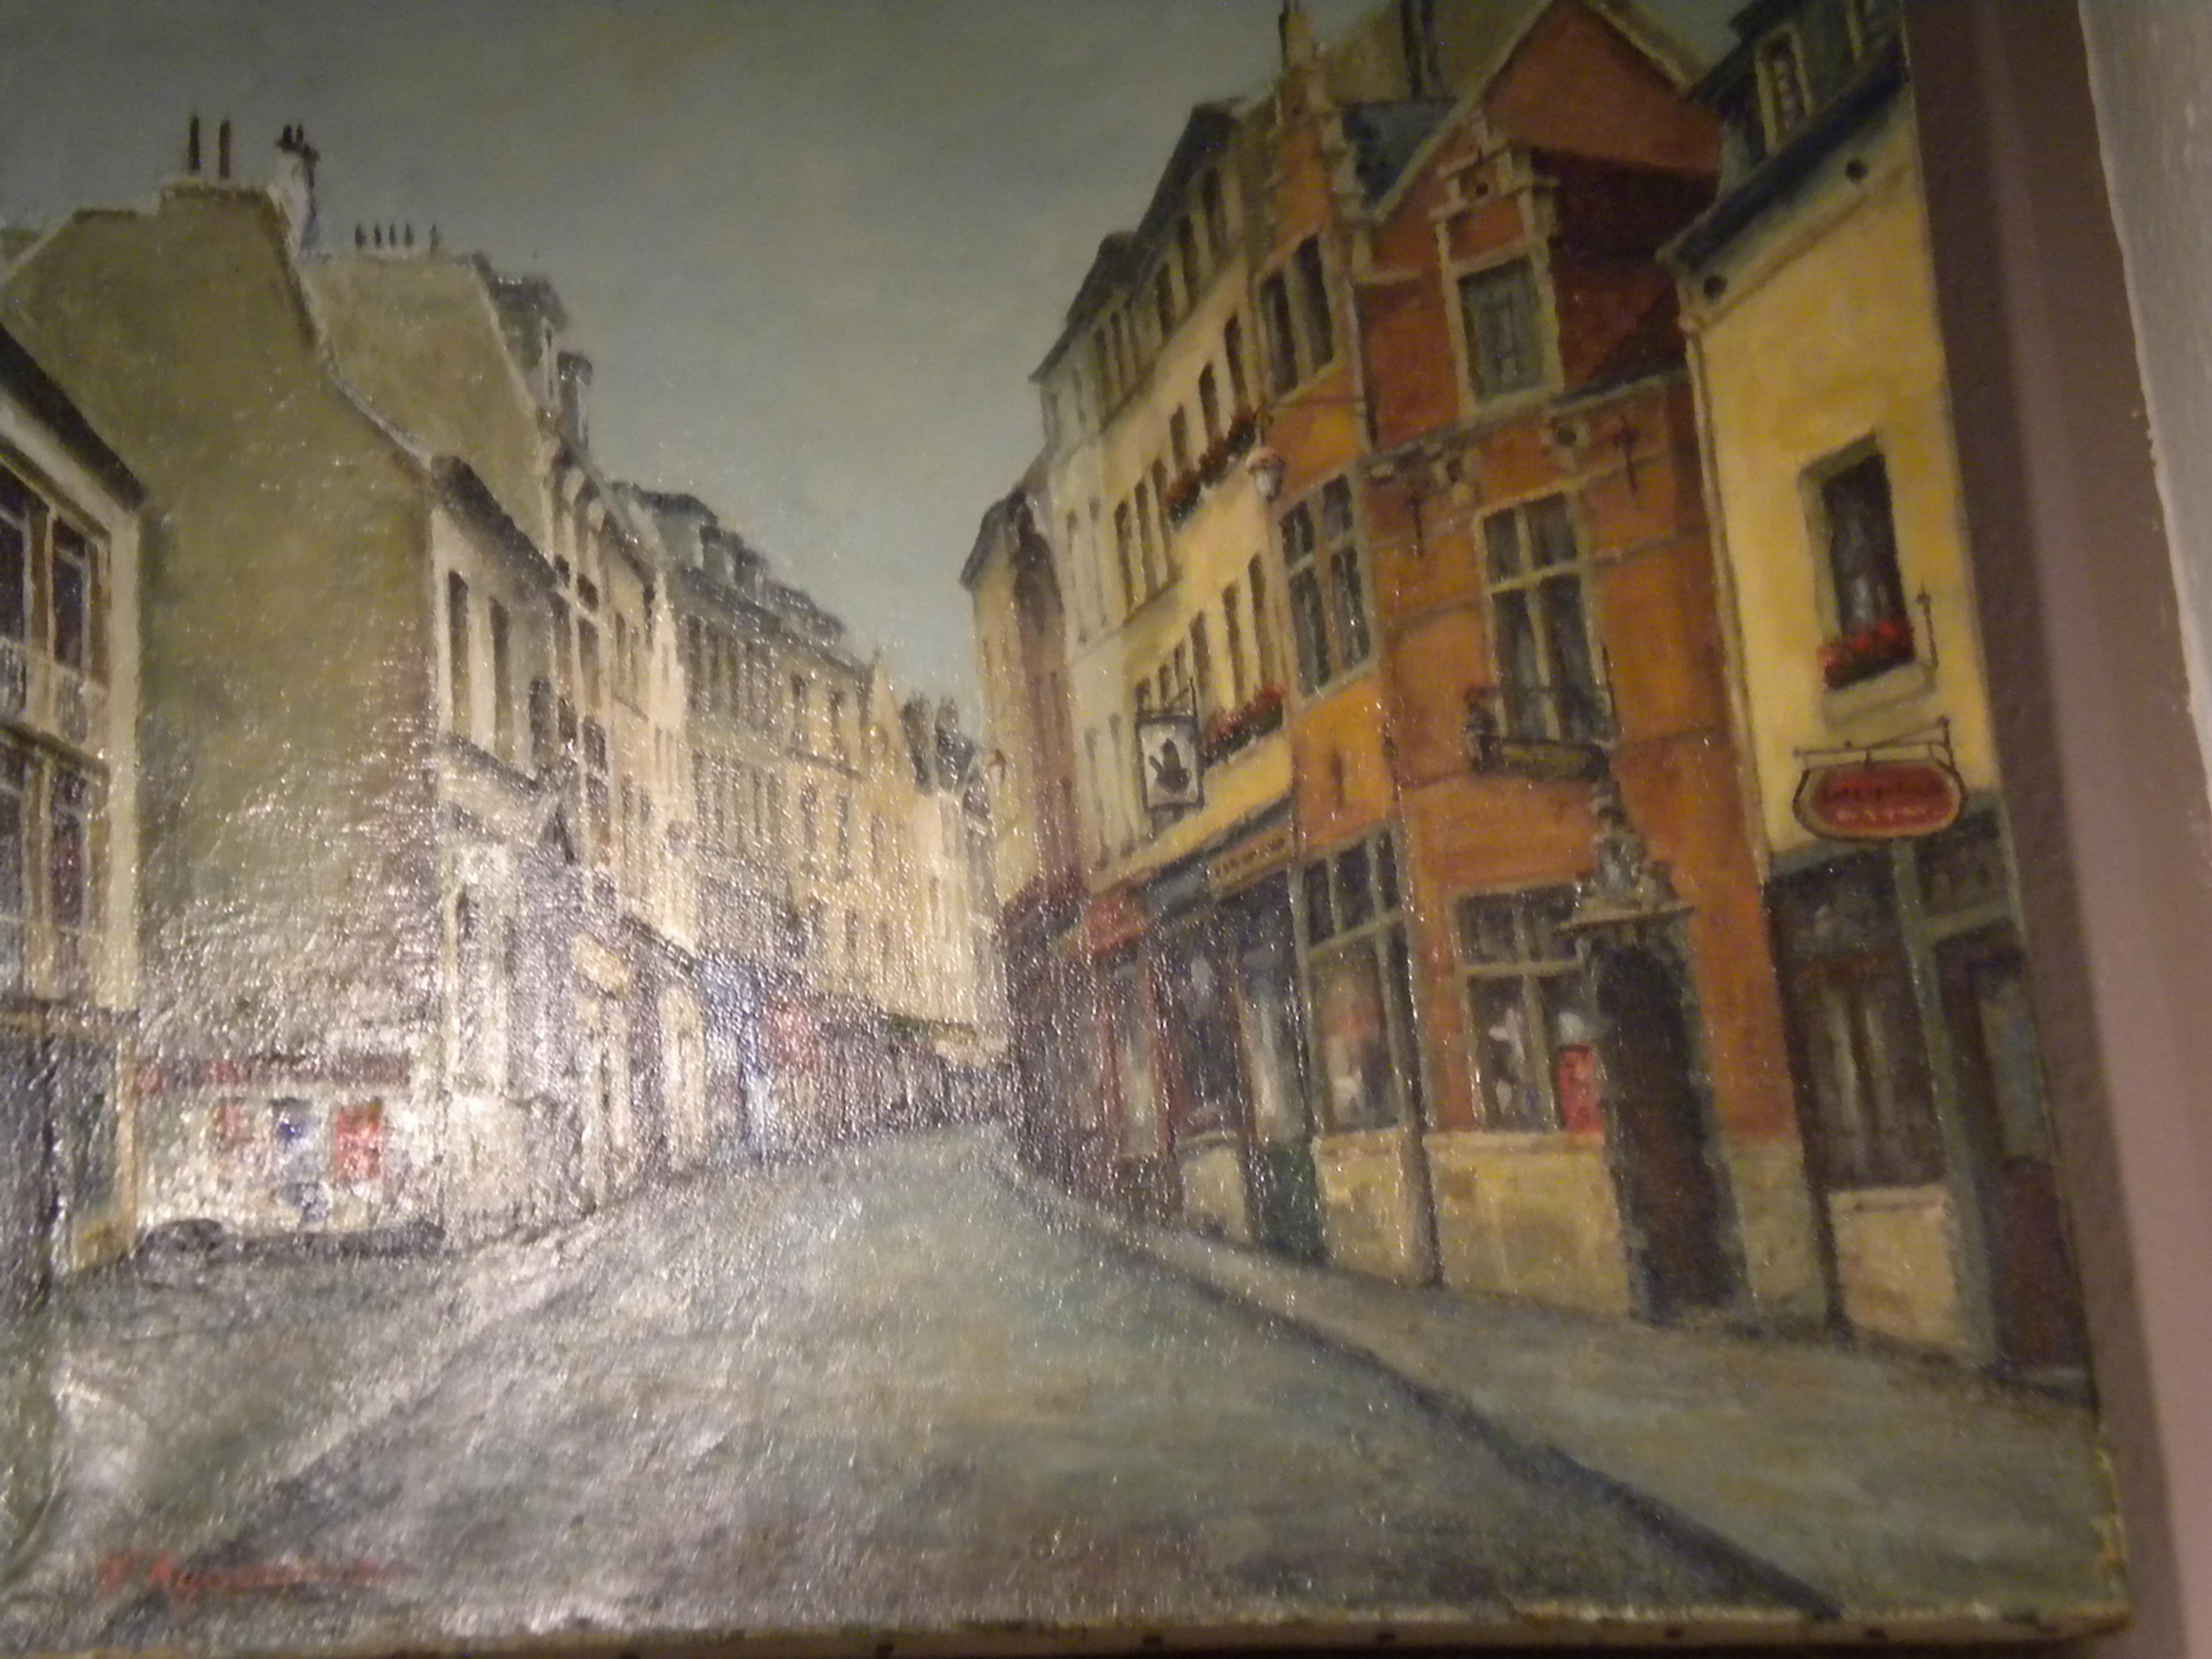 Peinture d'une rue de ville